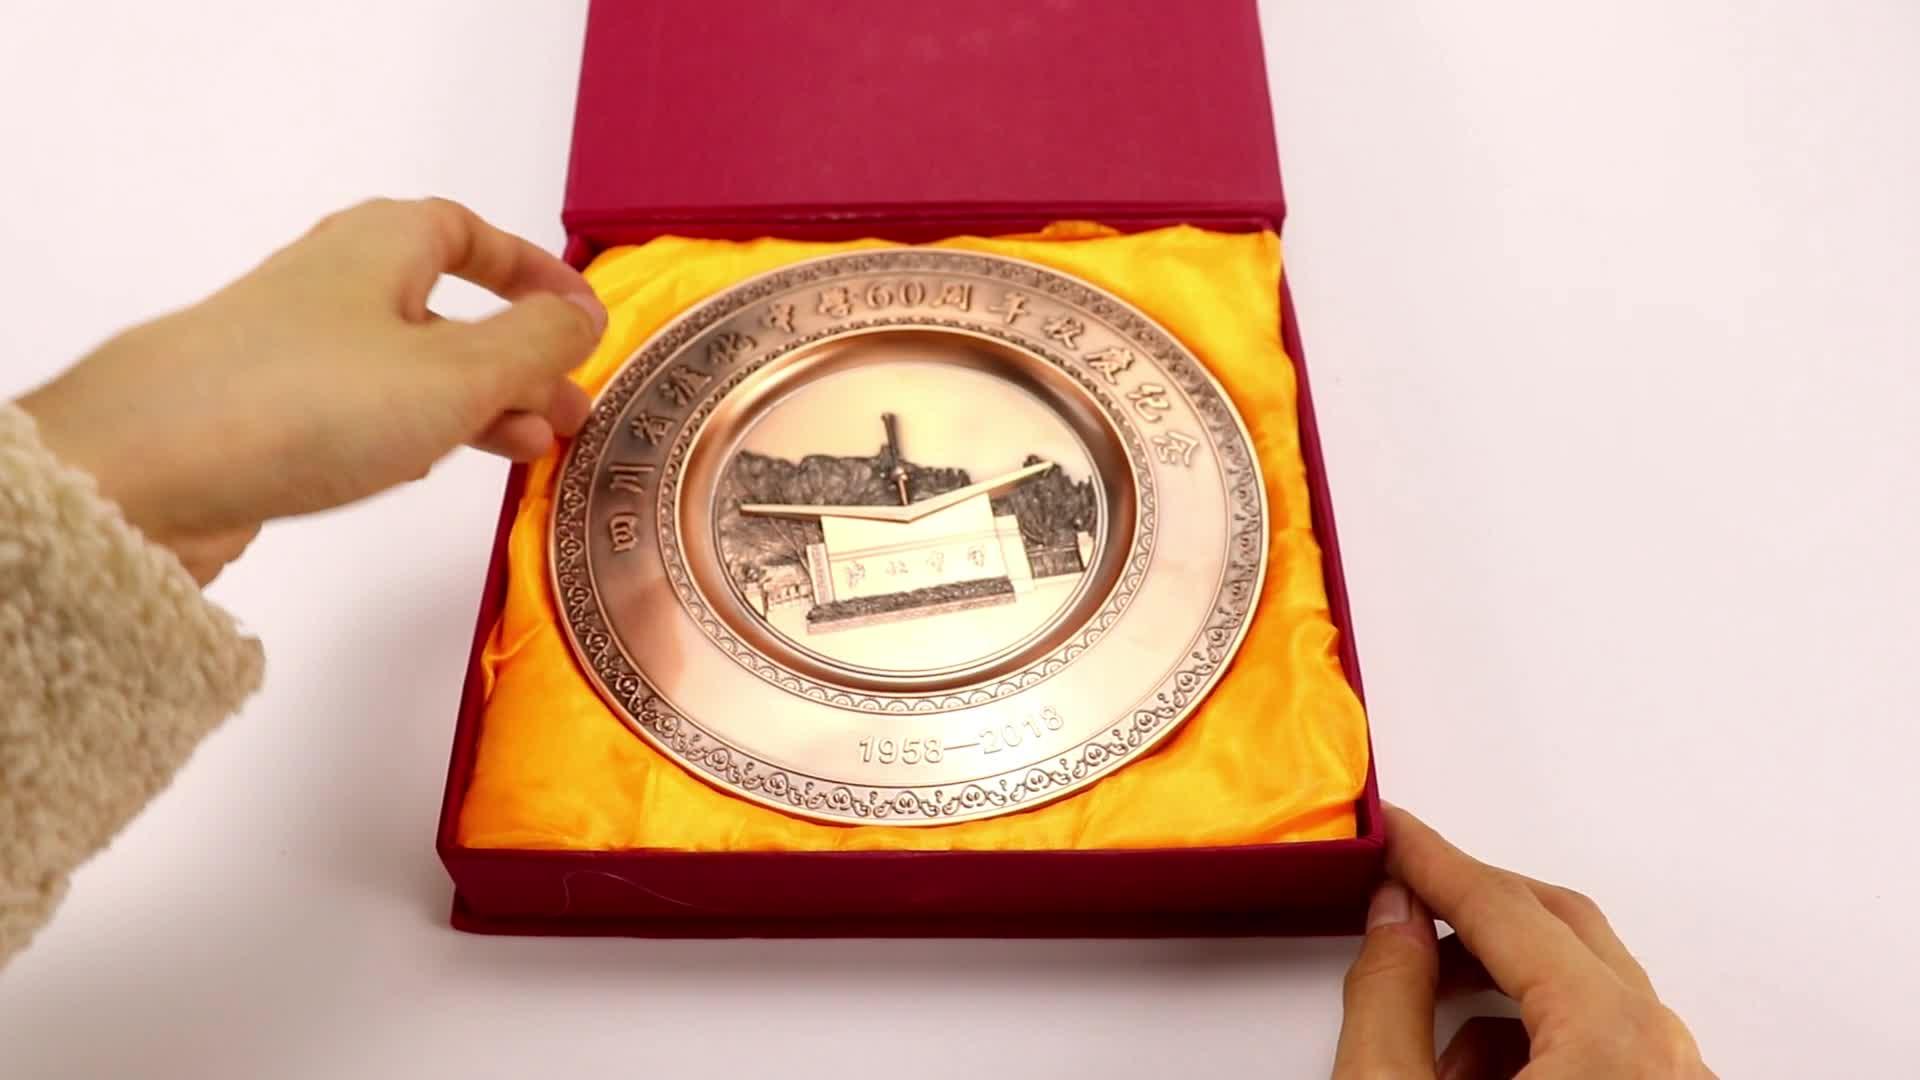 Prato de lembrança ouro antigo israel banhado 3d comemorativo país da cidade prêmios de metal